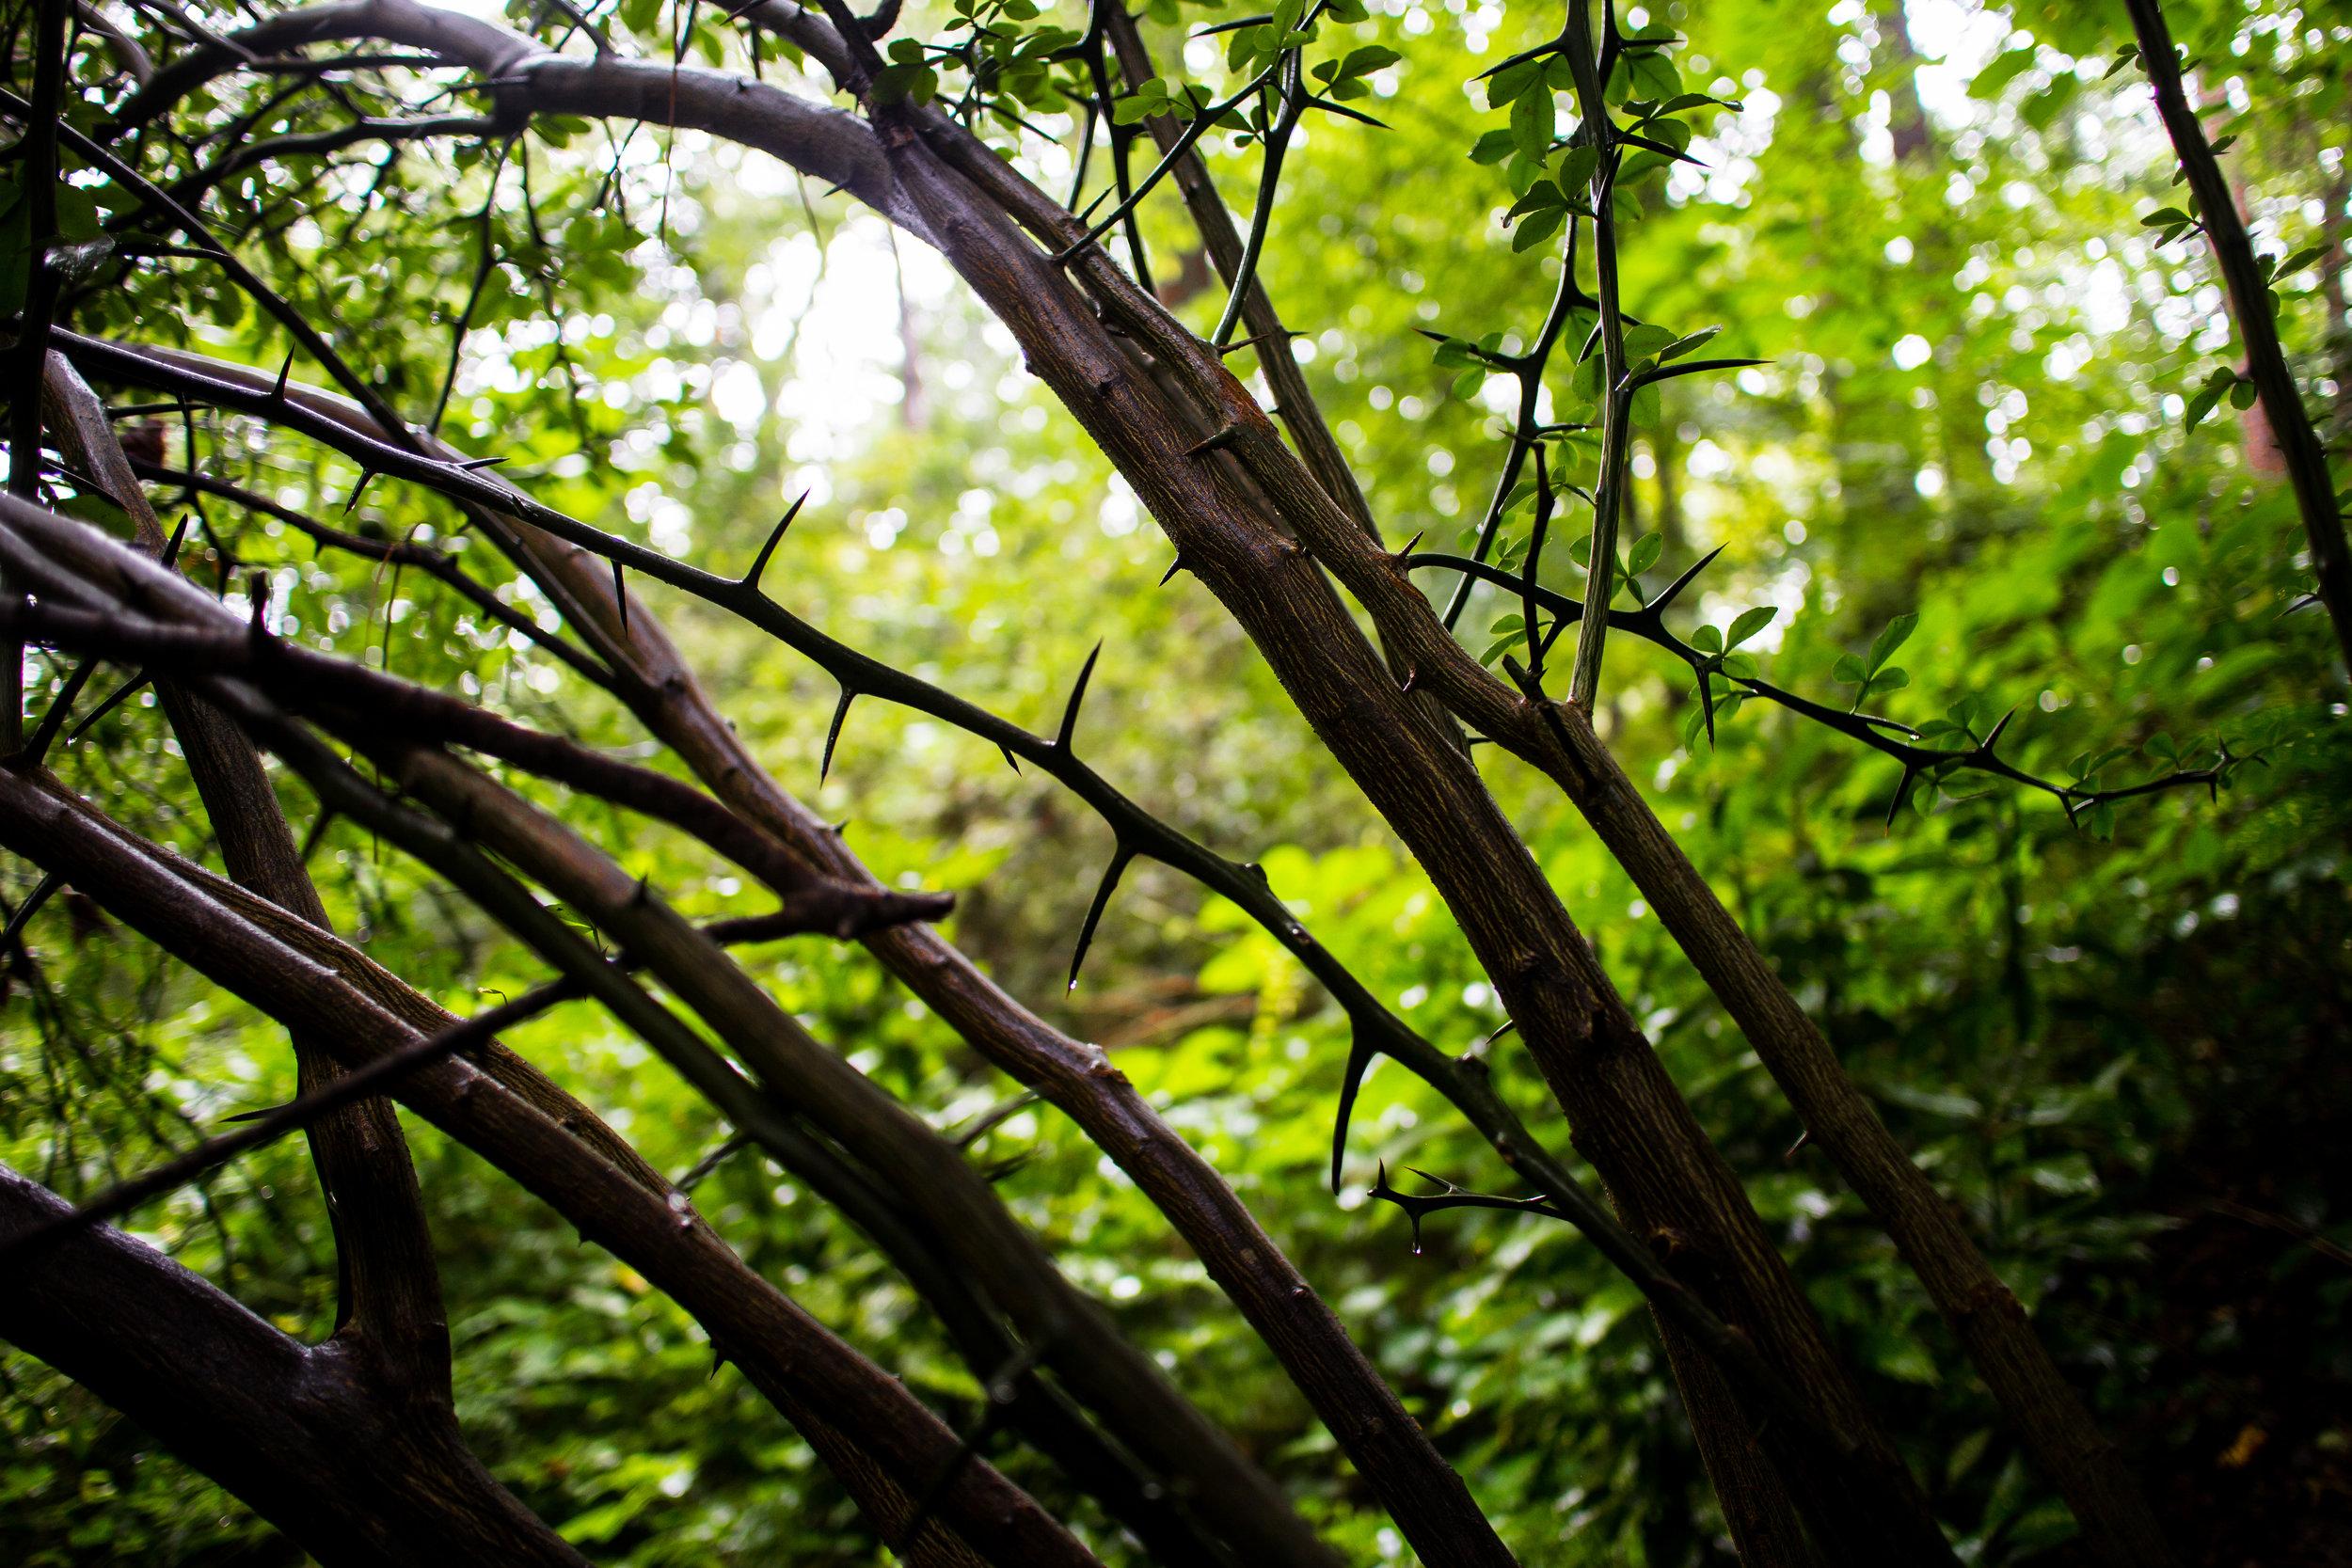 morningside-nature-preserve_14906453753_o.jpg